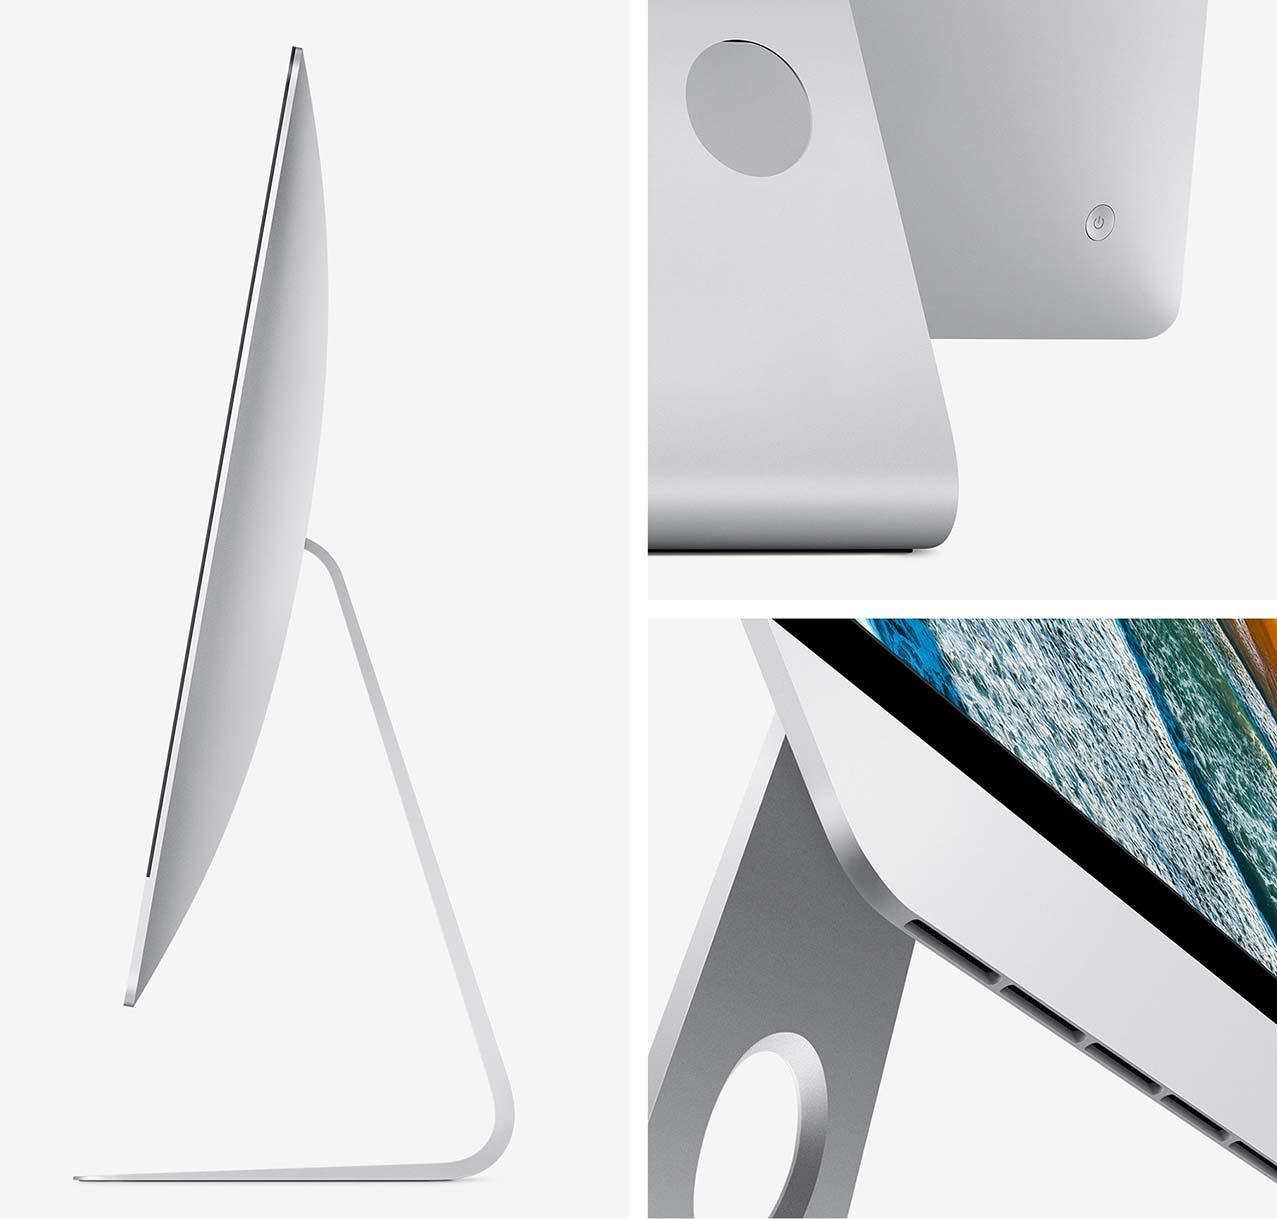 iMac profilo